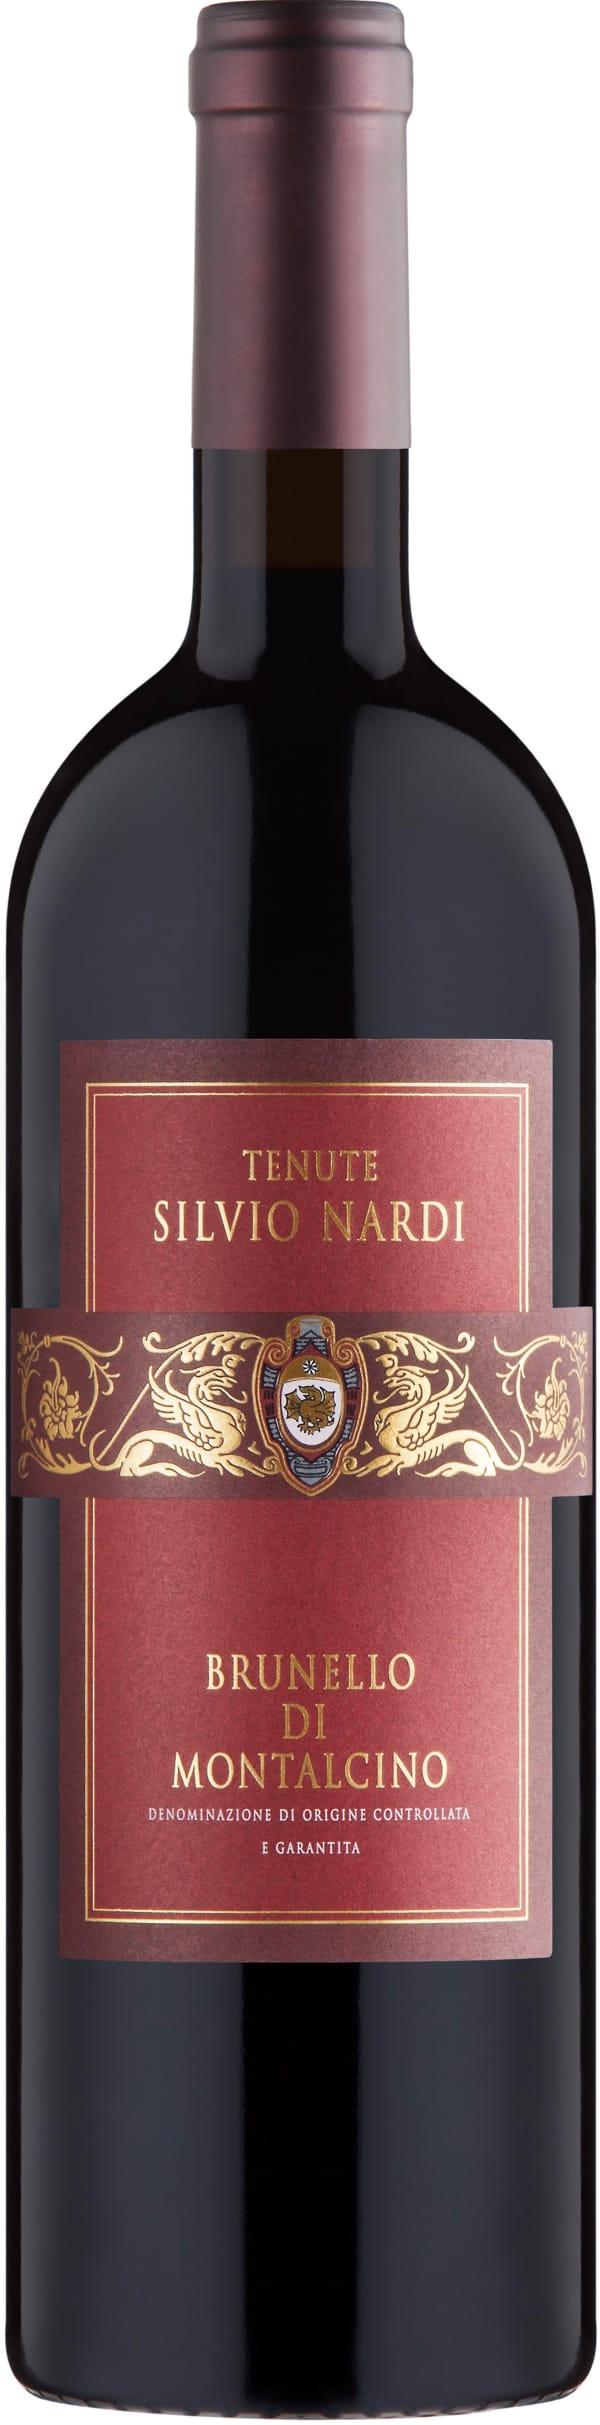 Tenute Silvio Nardi Brunello di Montalcino 2012